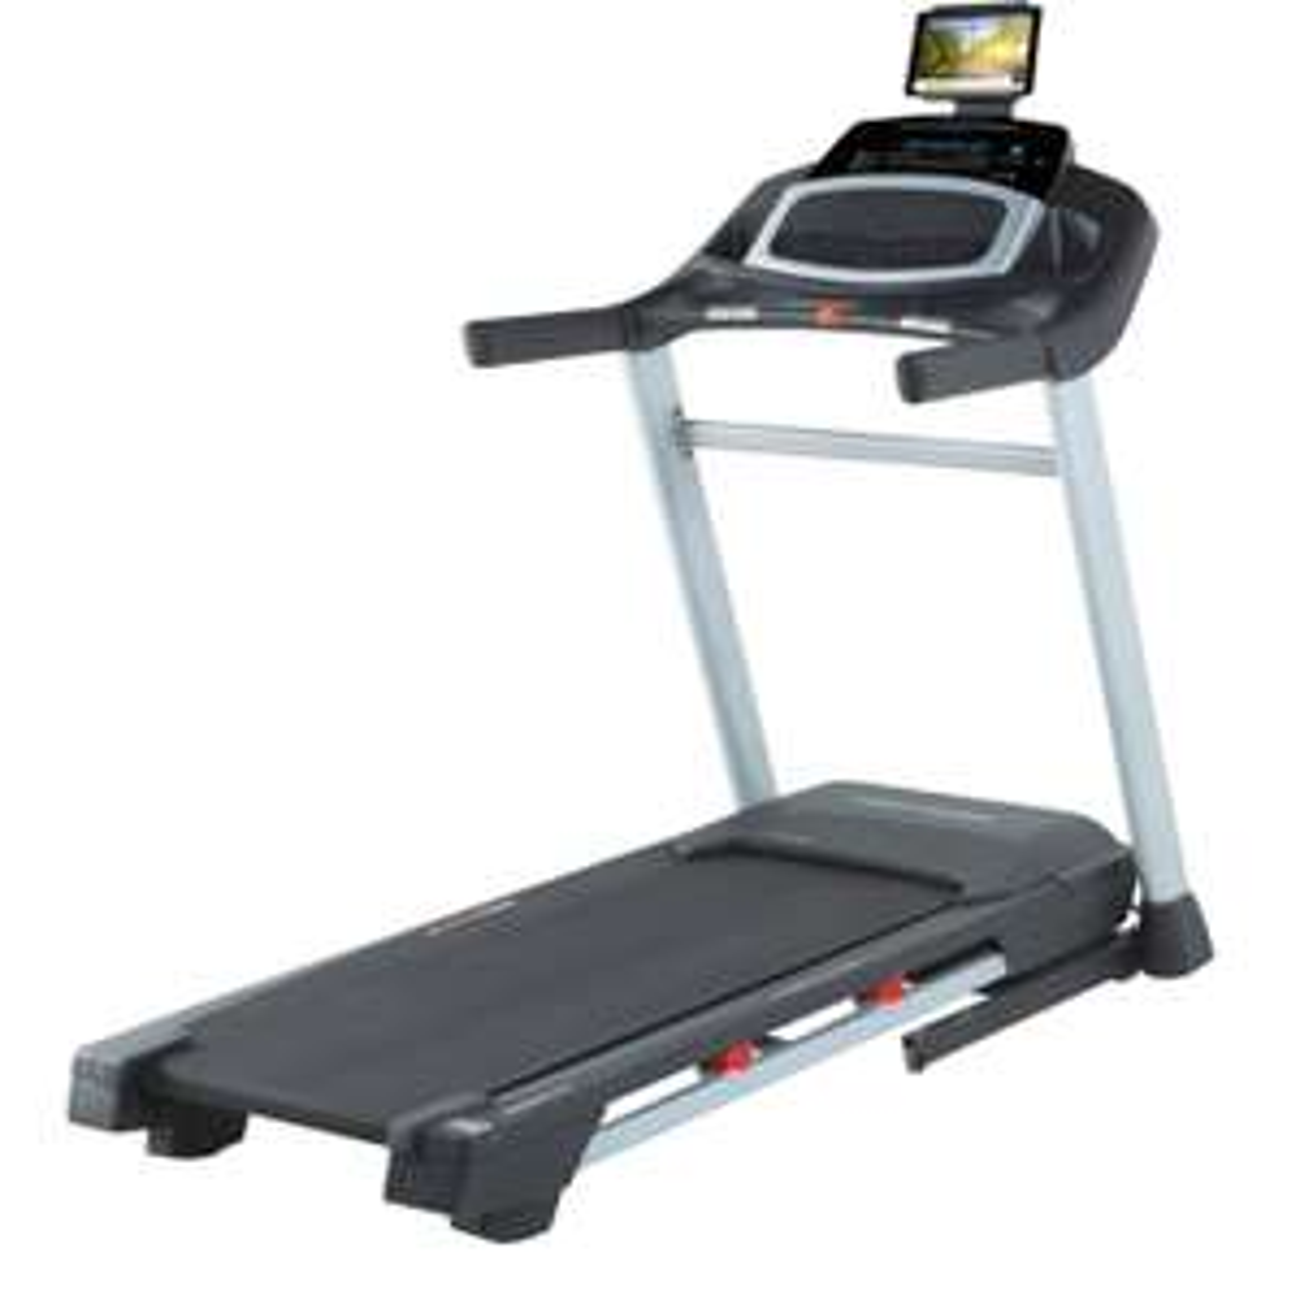 Tapis de course Pro-Form 545 I - 135 kg maximum